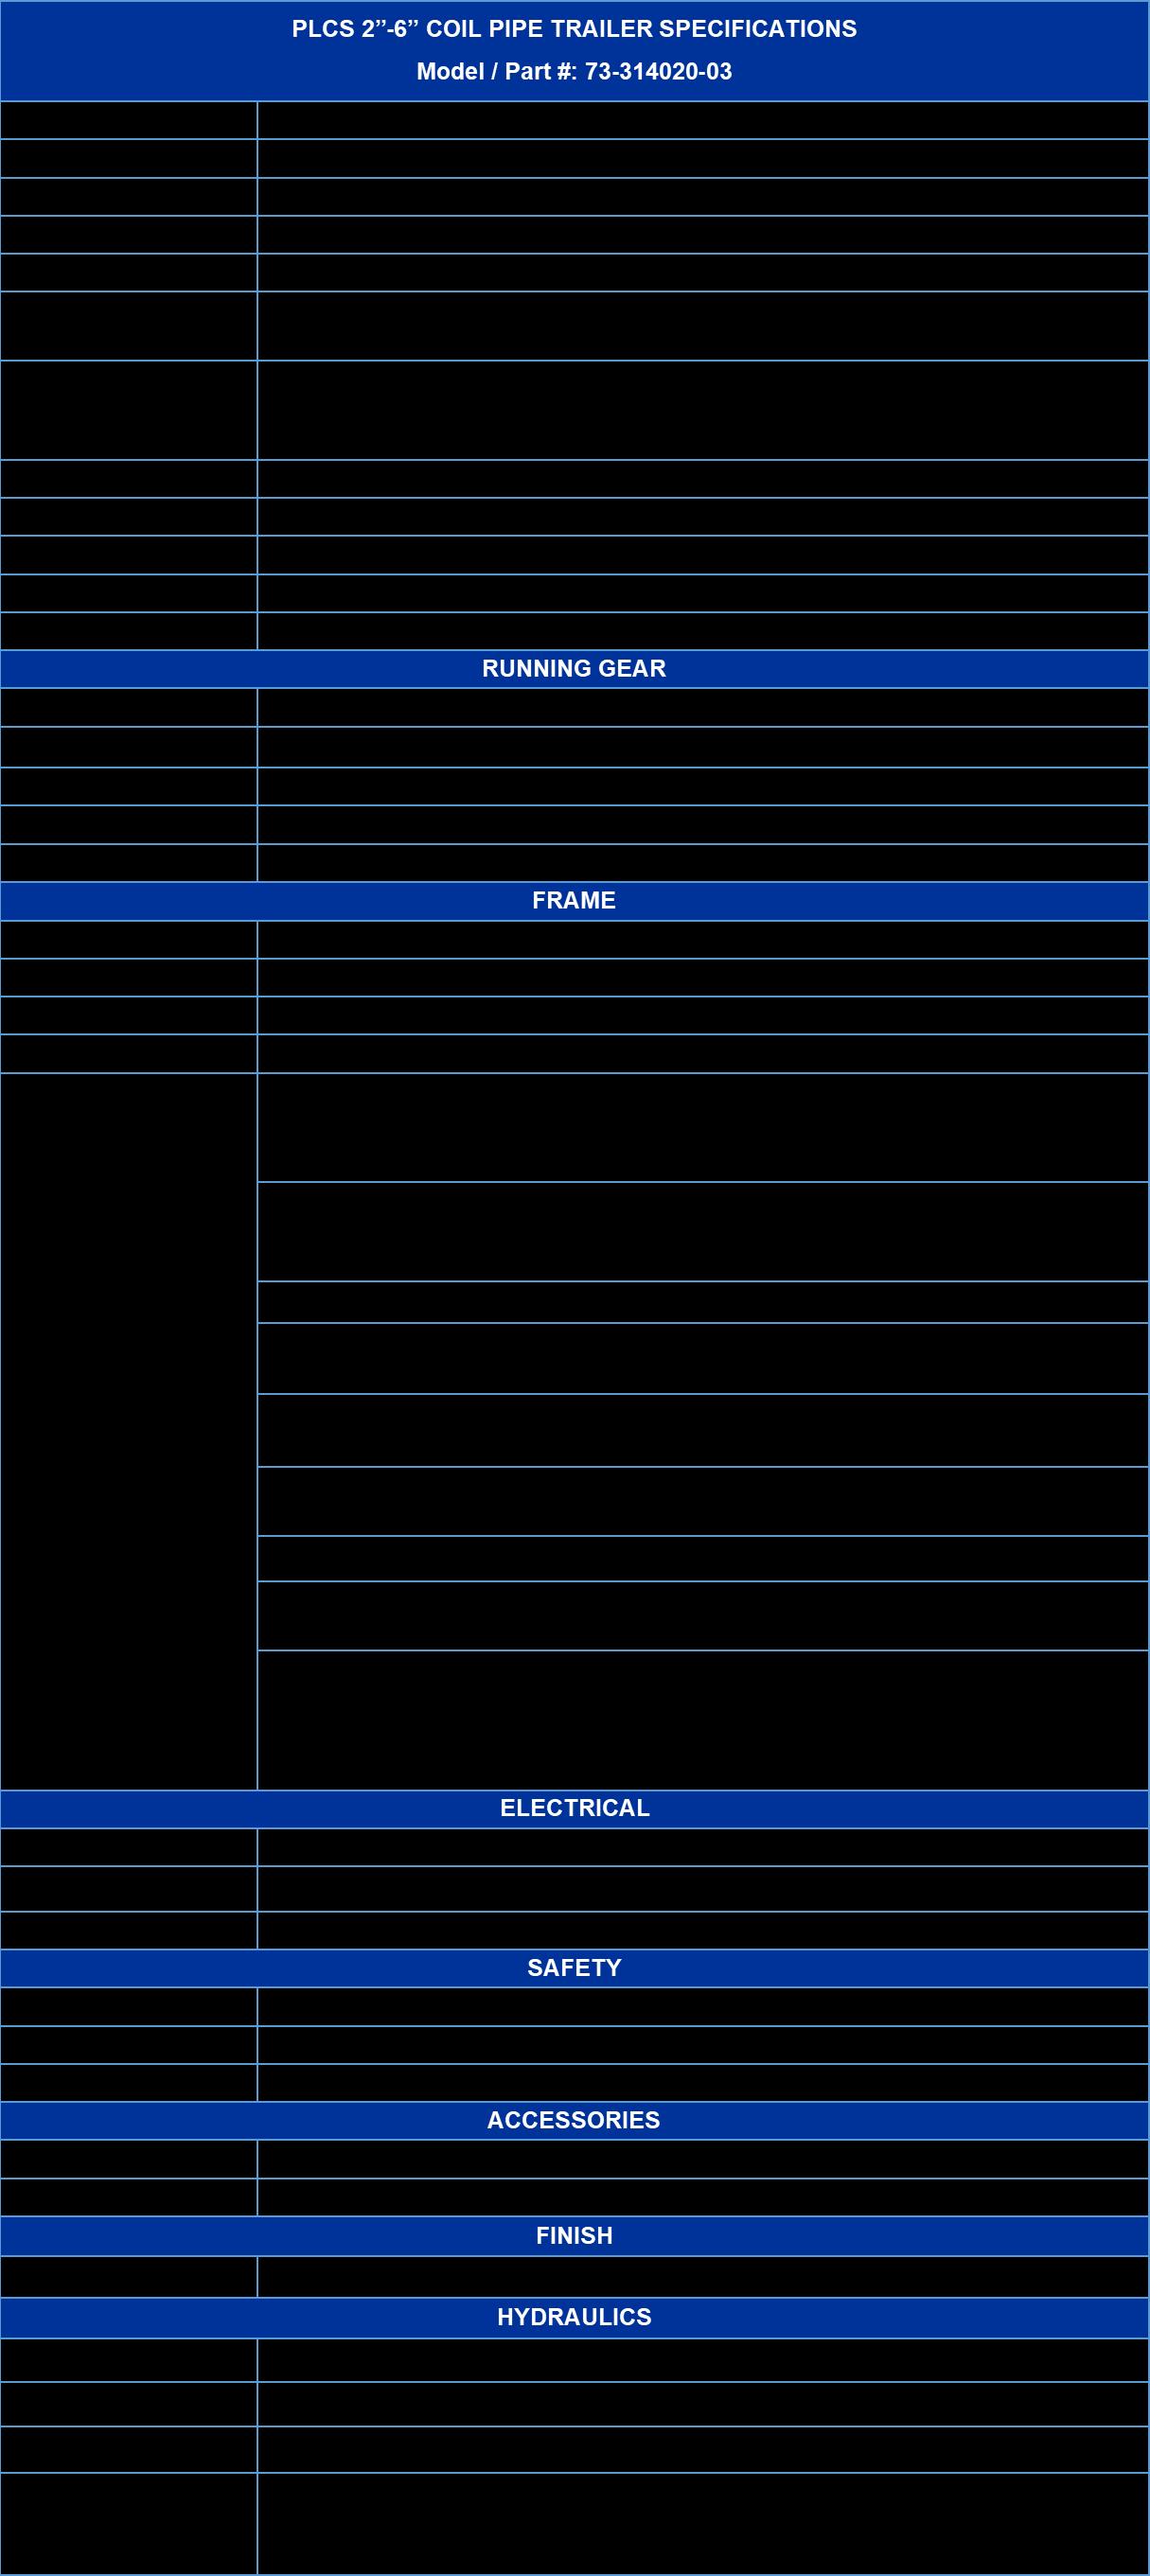 PLCS Trailer Spec Sheet